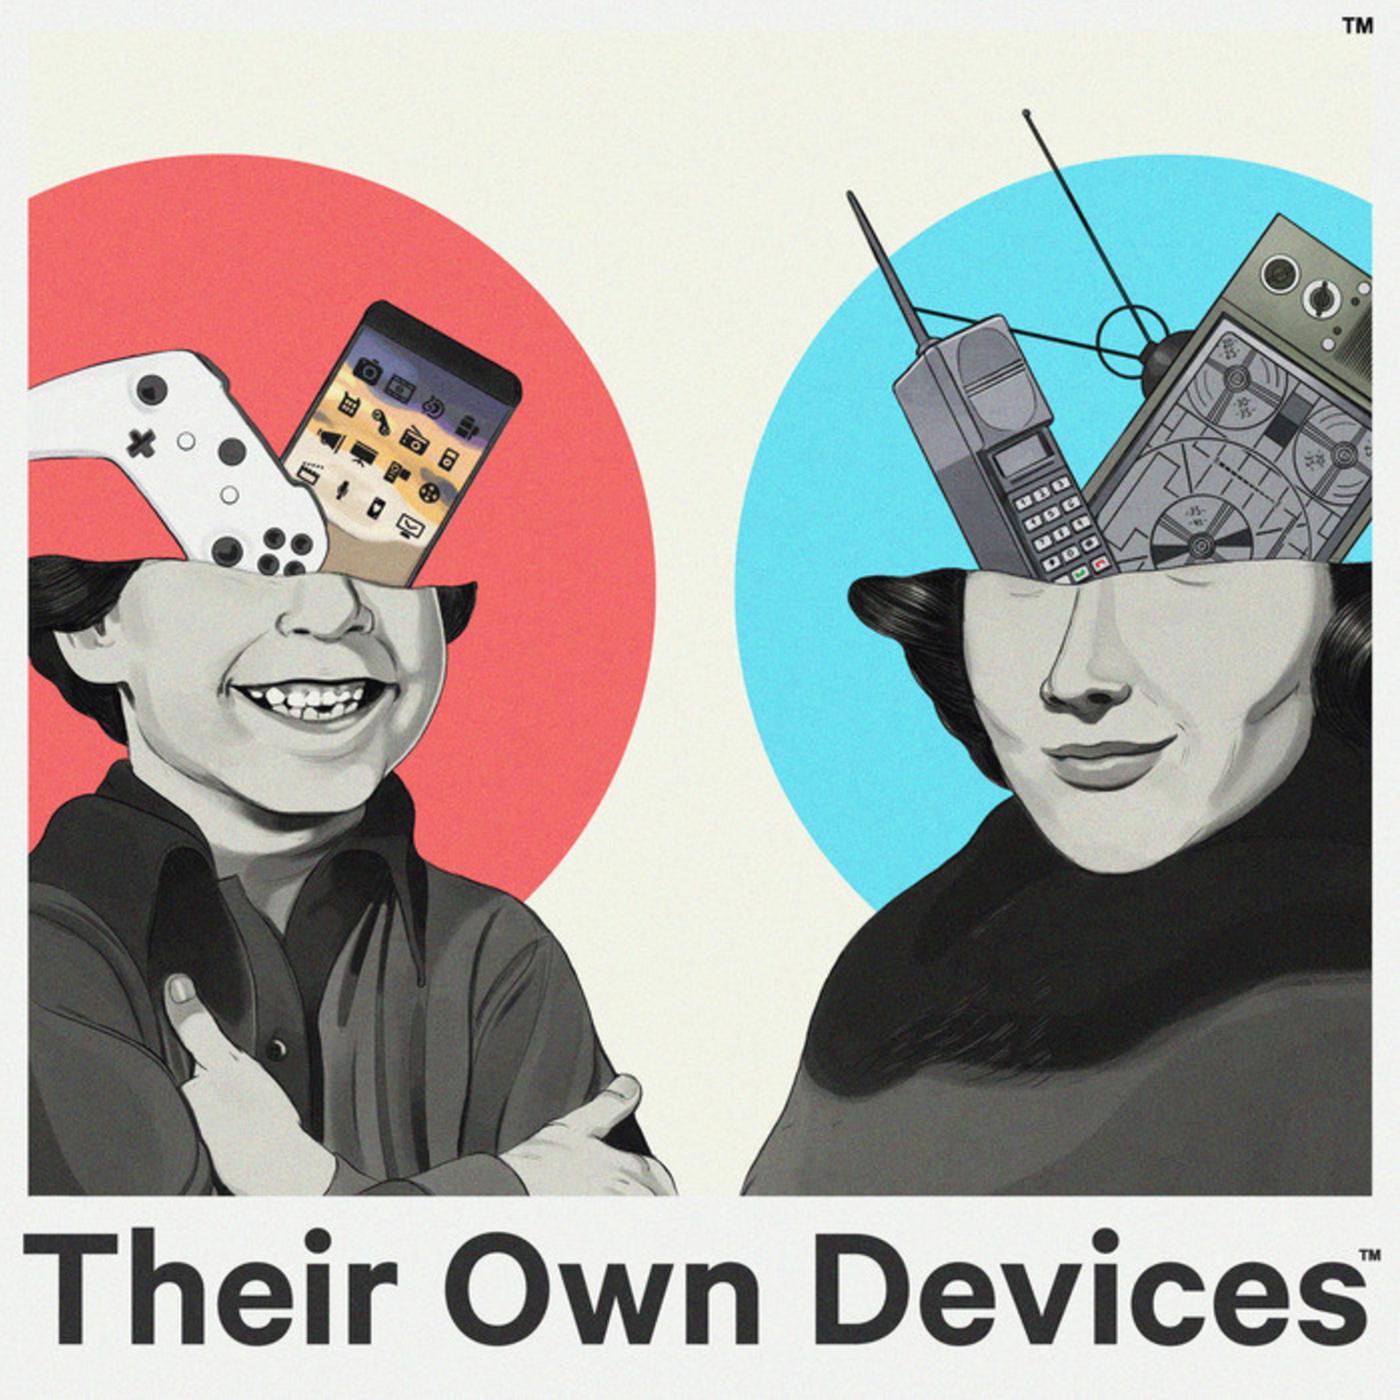 How Smartphones and Media Influence Kids' Behavior